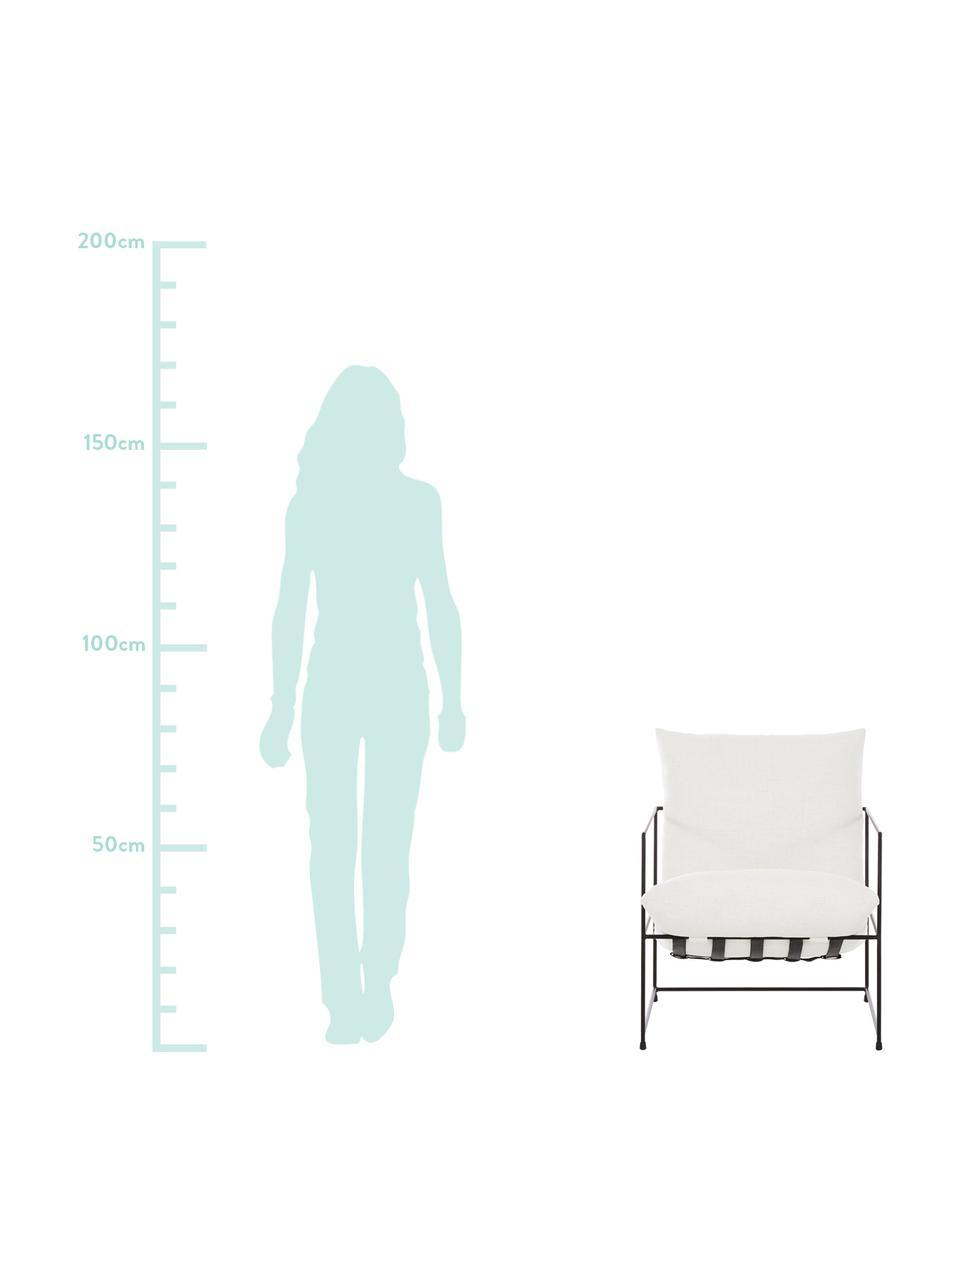 Sedia a poltrona con struttura in metallo Wayne, Rivestimento: 80% poliestere, 20% coton, Struttura: metallo verniciato a polv, Tessuto bianco, Larg. 69 x Prof. 74 cm